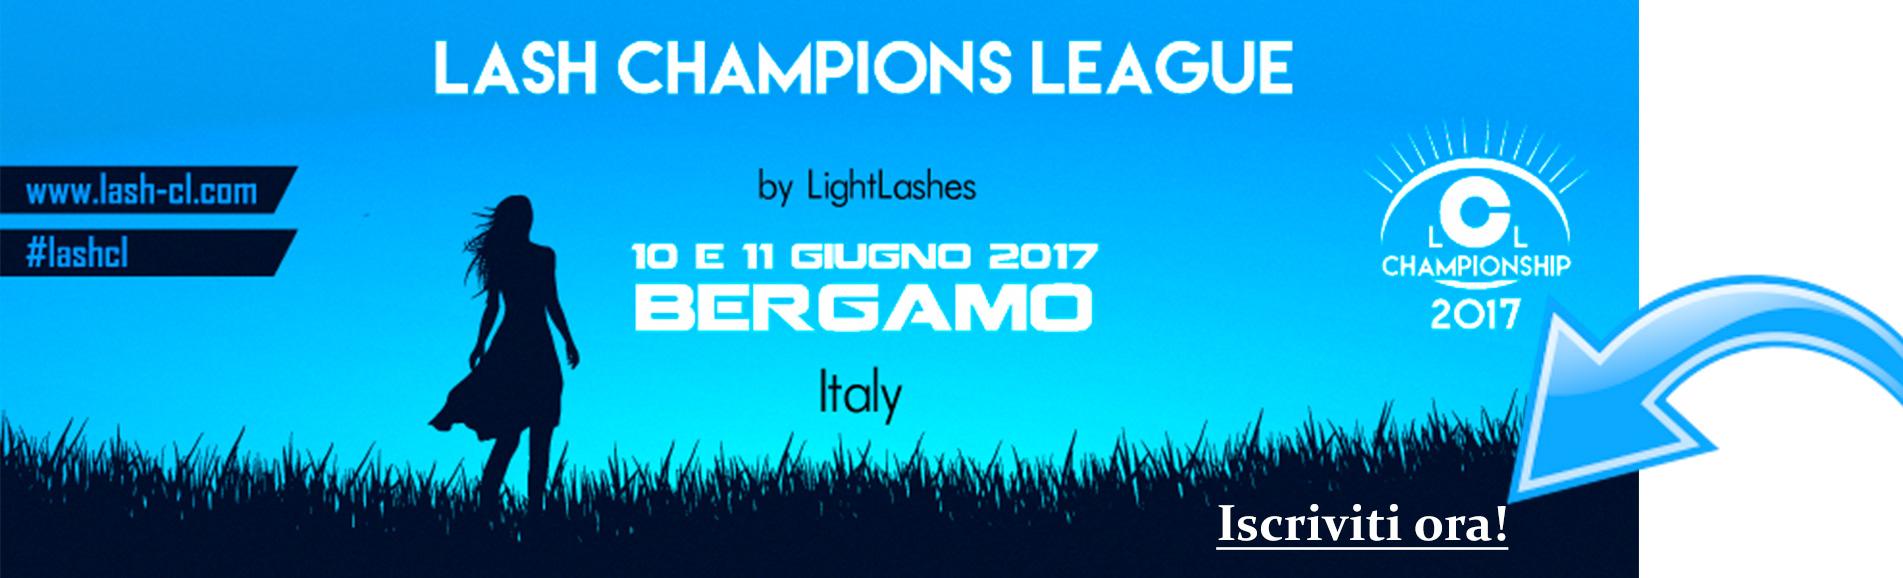 Campionato internazionale dell'extension delle ciglia